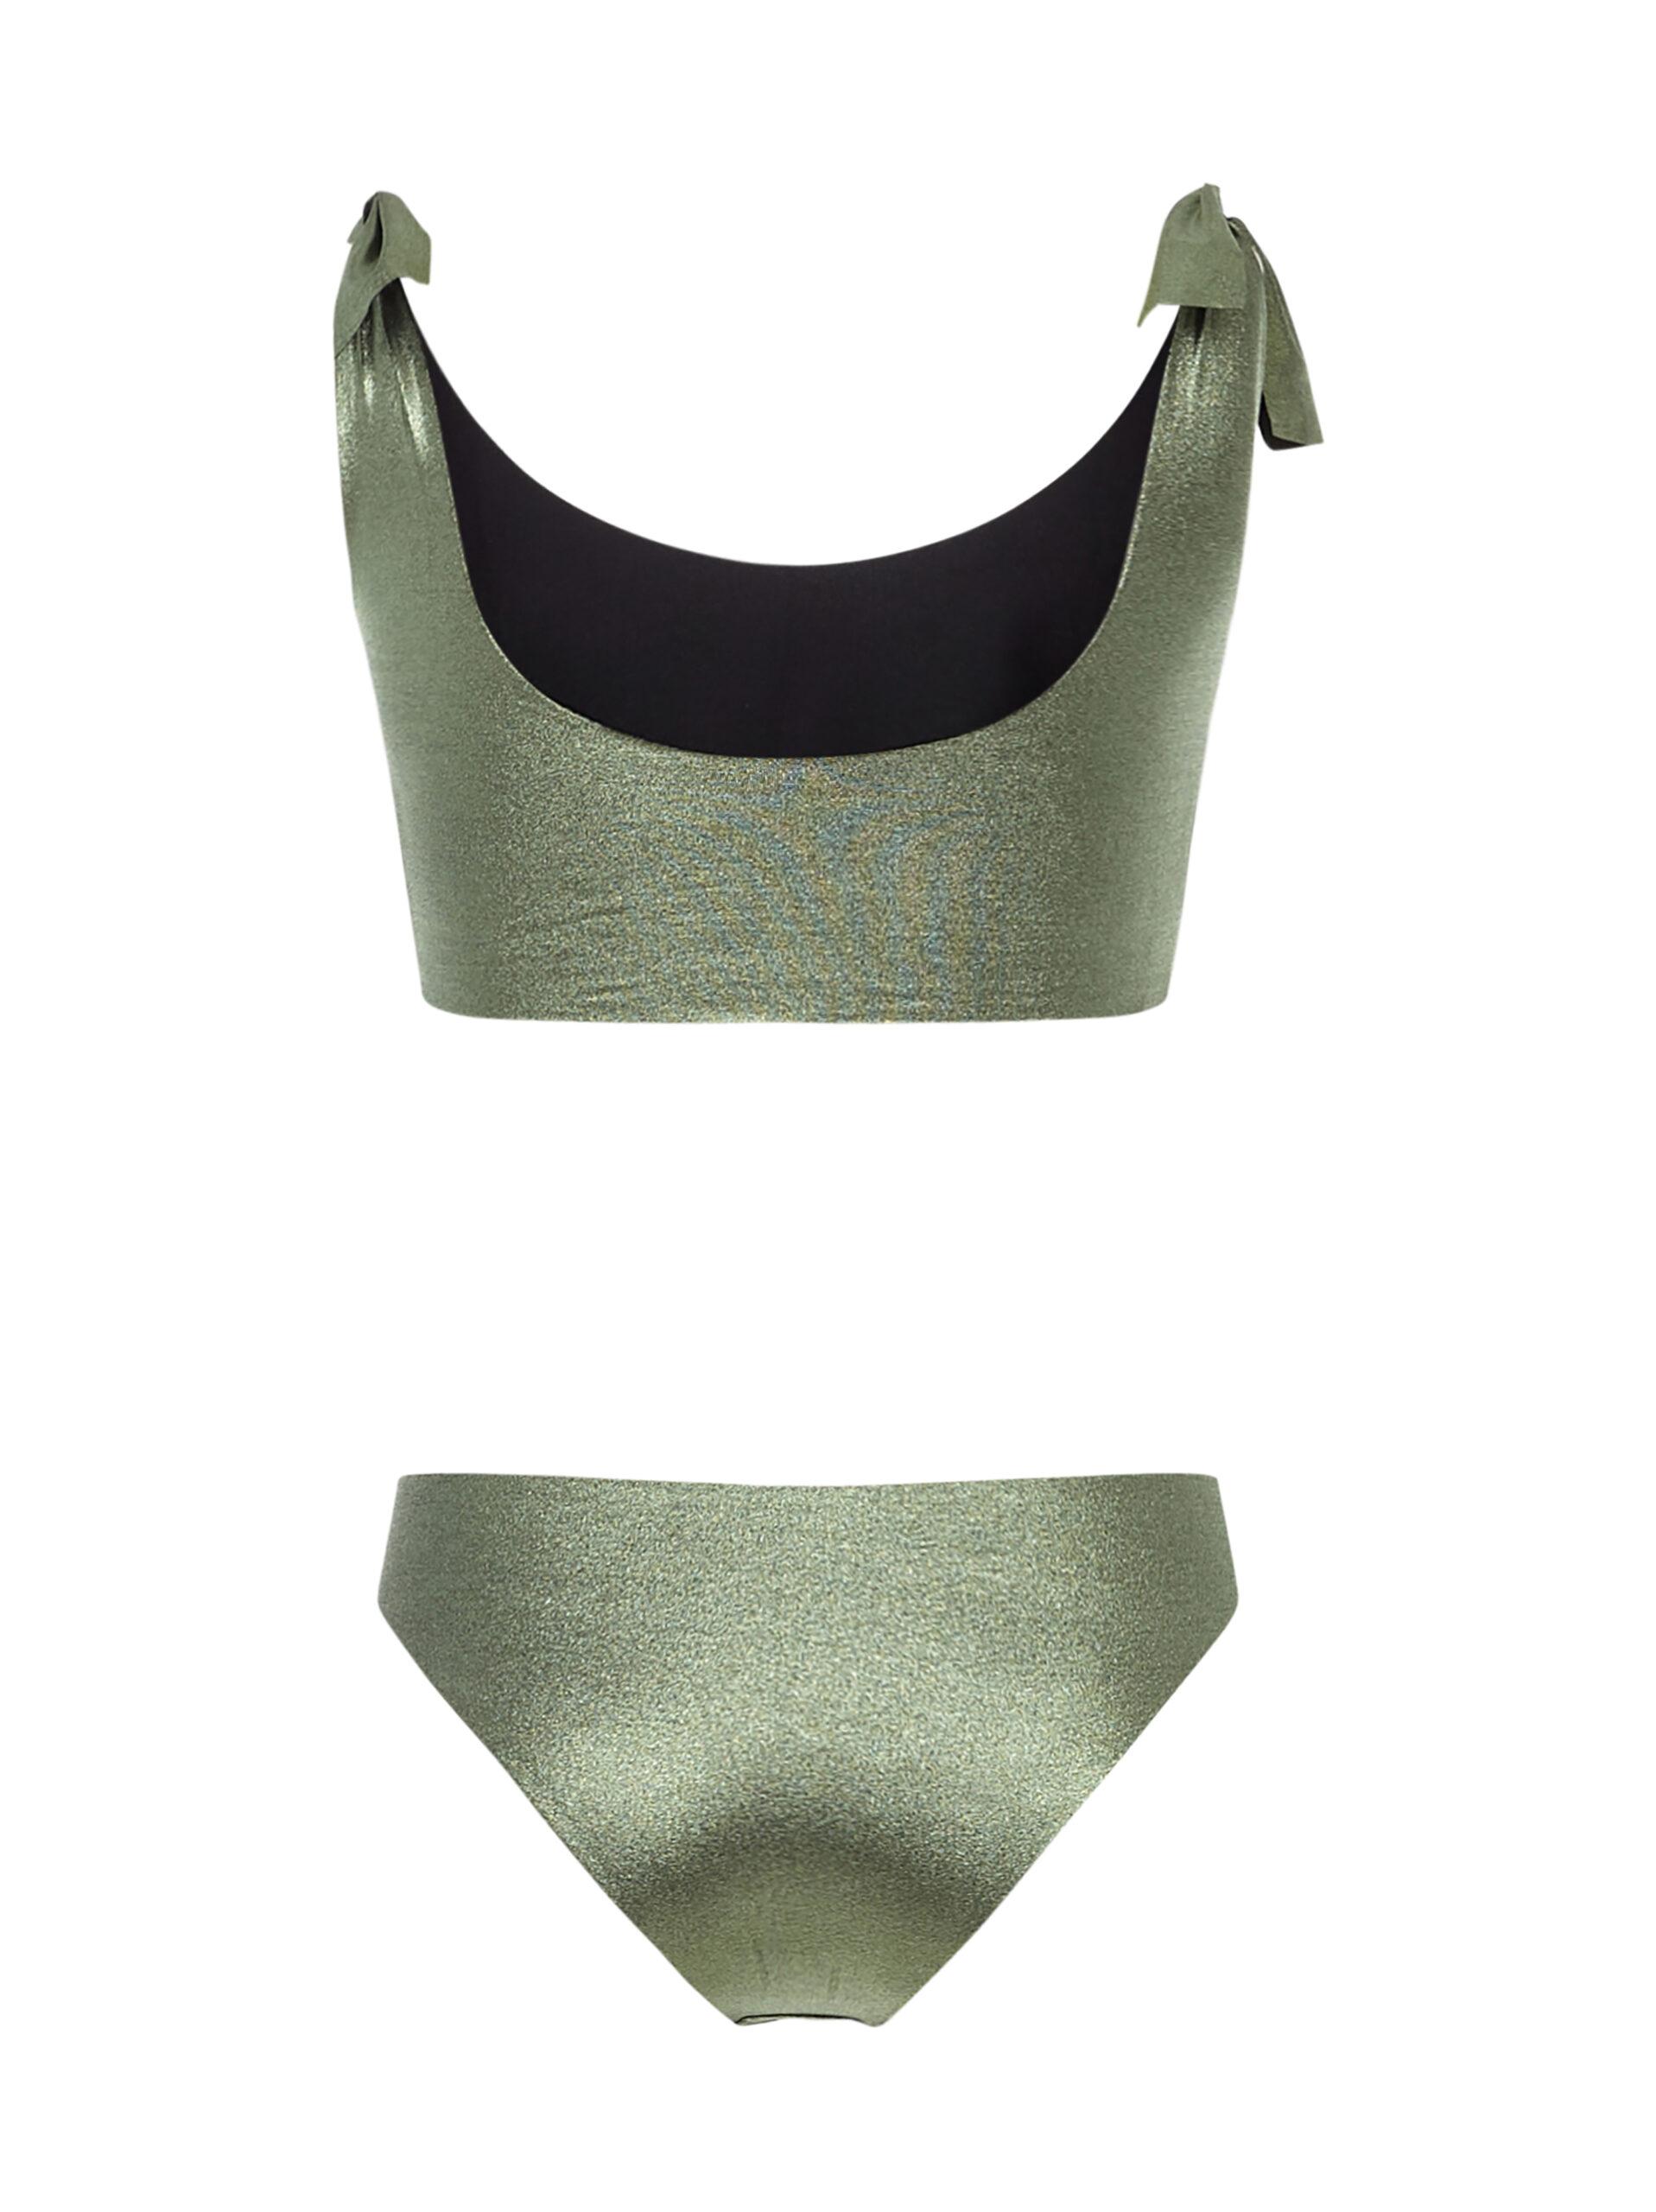 Knotting Bay Bikini_Green2